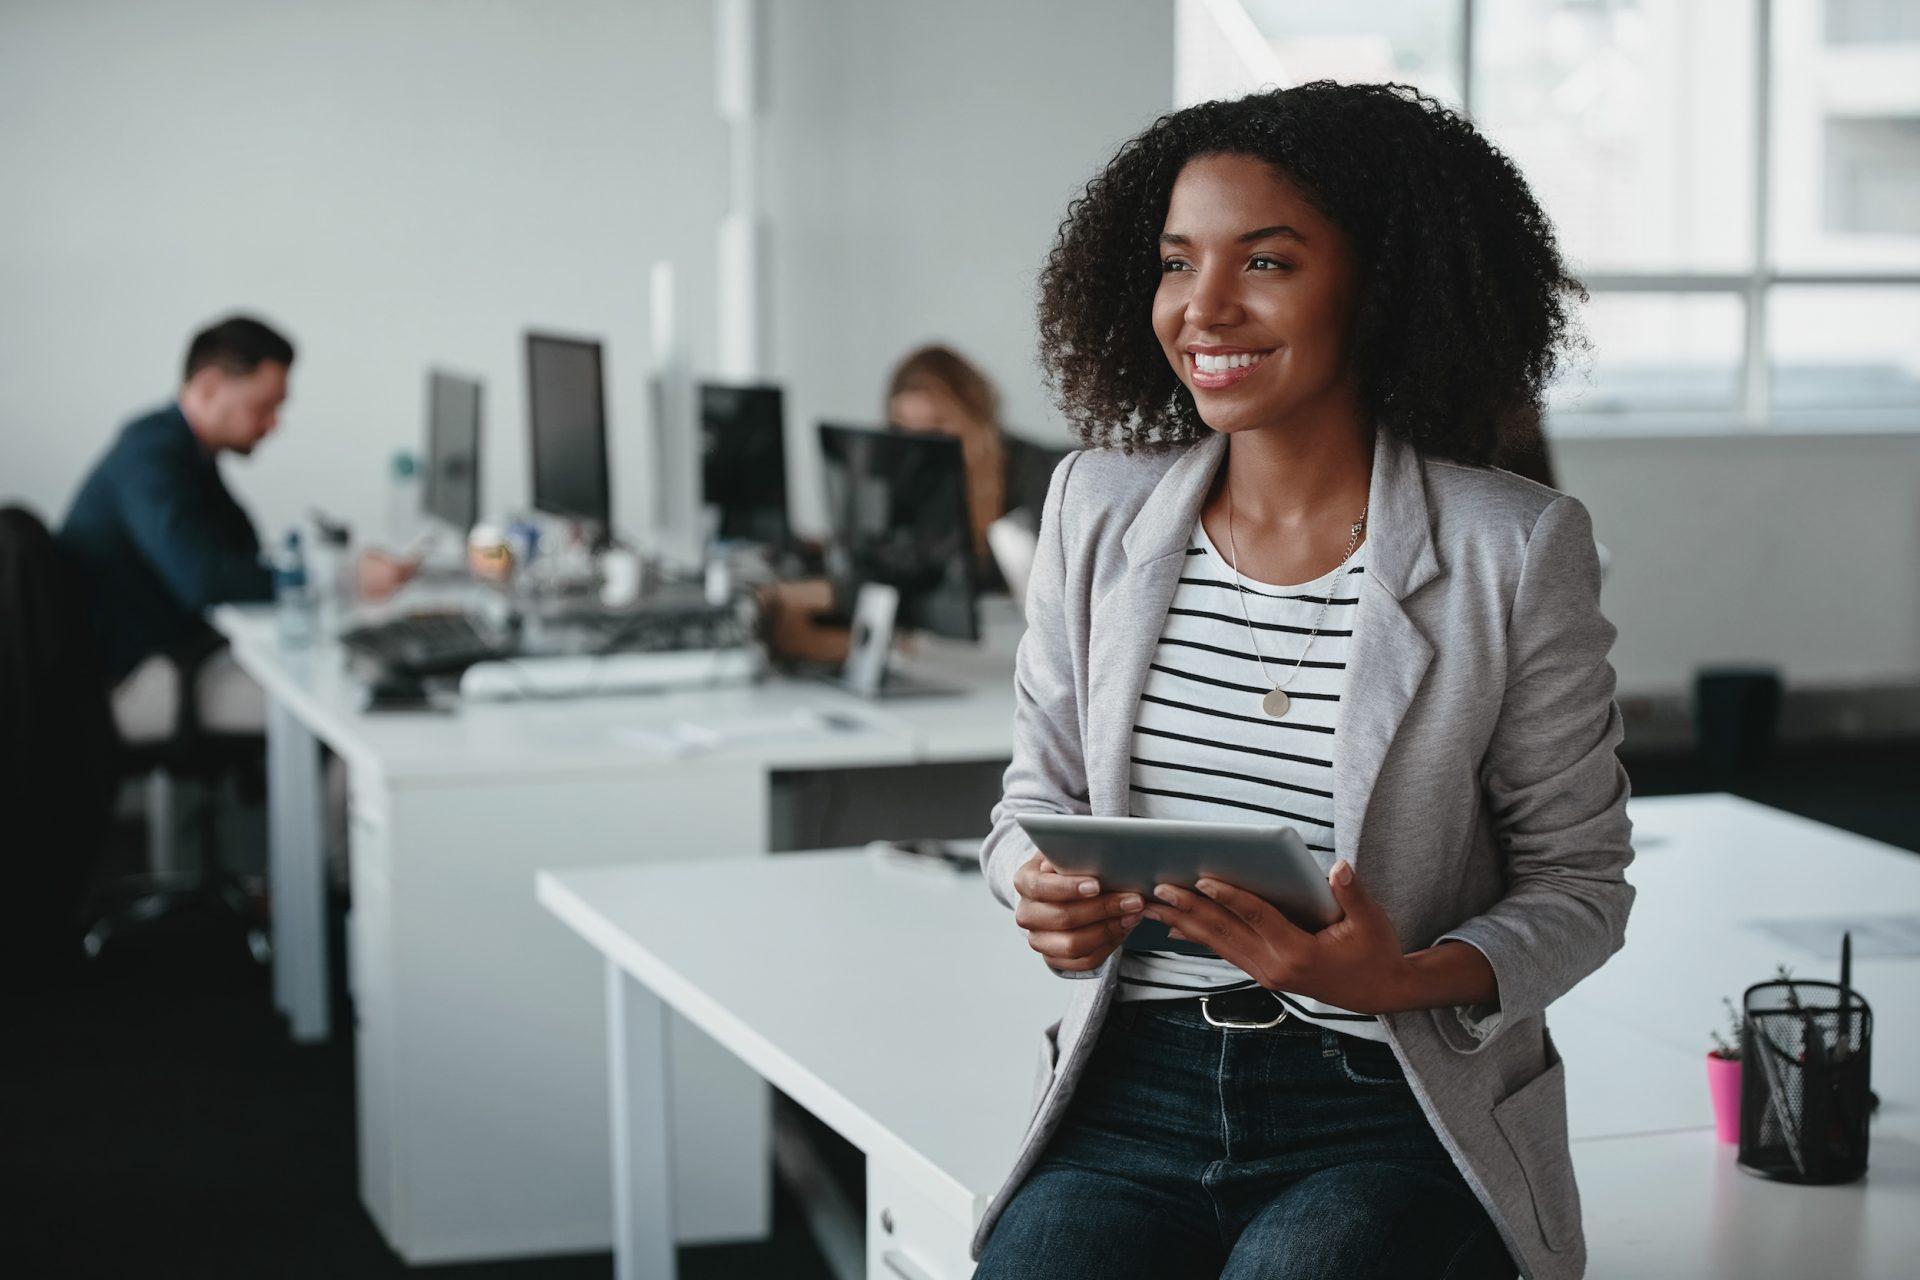 5 perfis femininos sobre tecnologia que você precisa conhecer